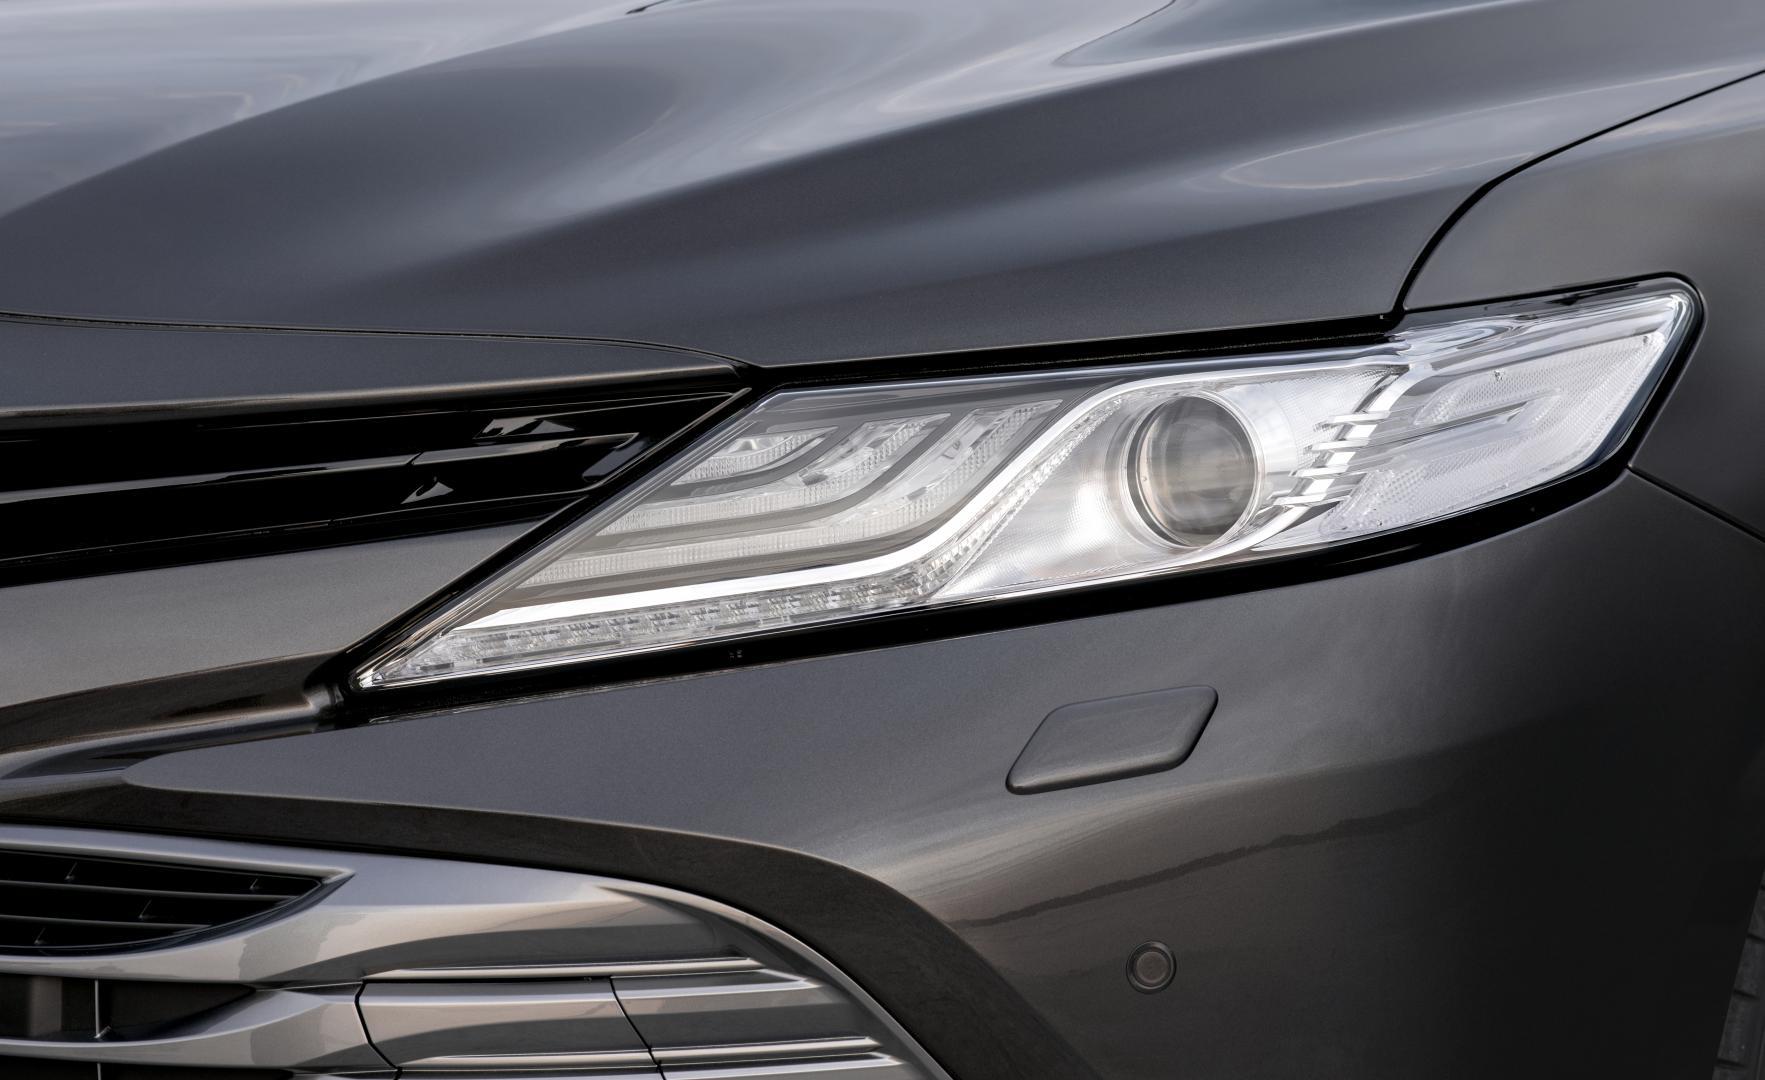 Toyota Camry Hybrid 1e rij-indruk 2019 koplamp